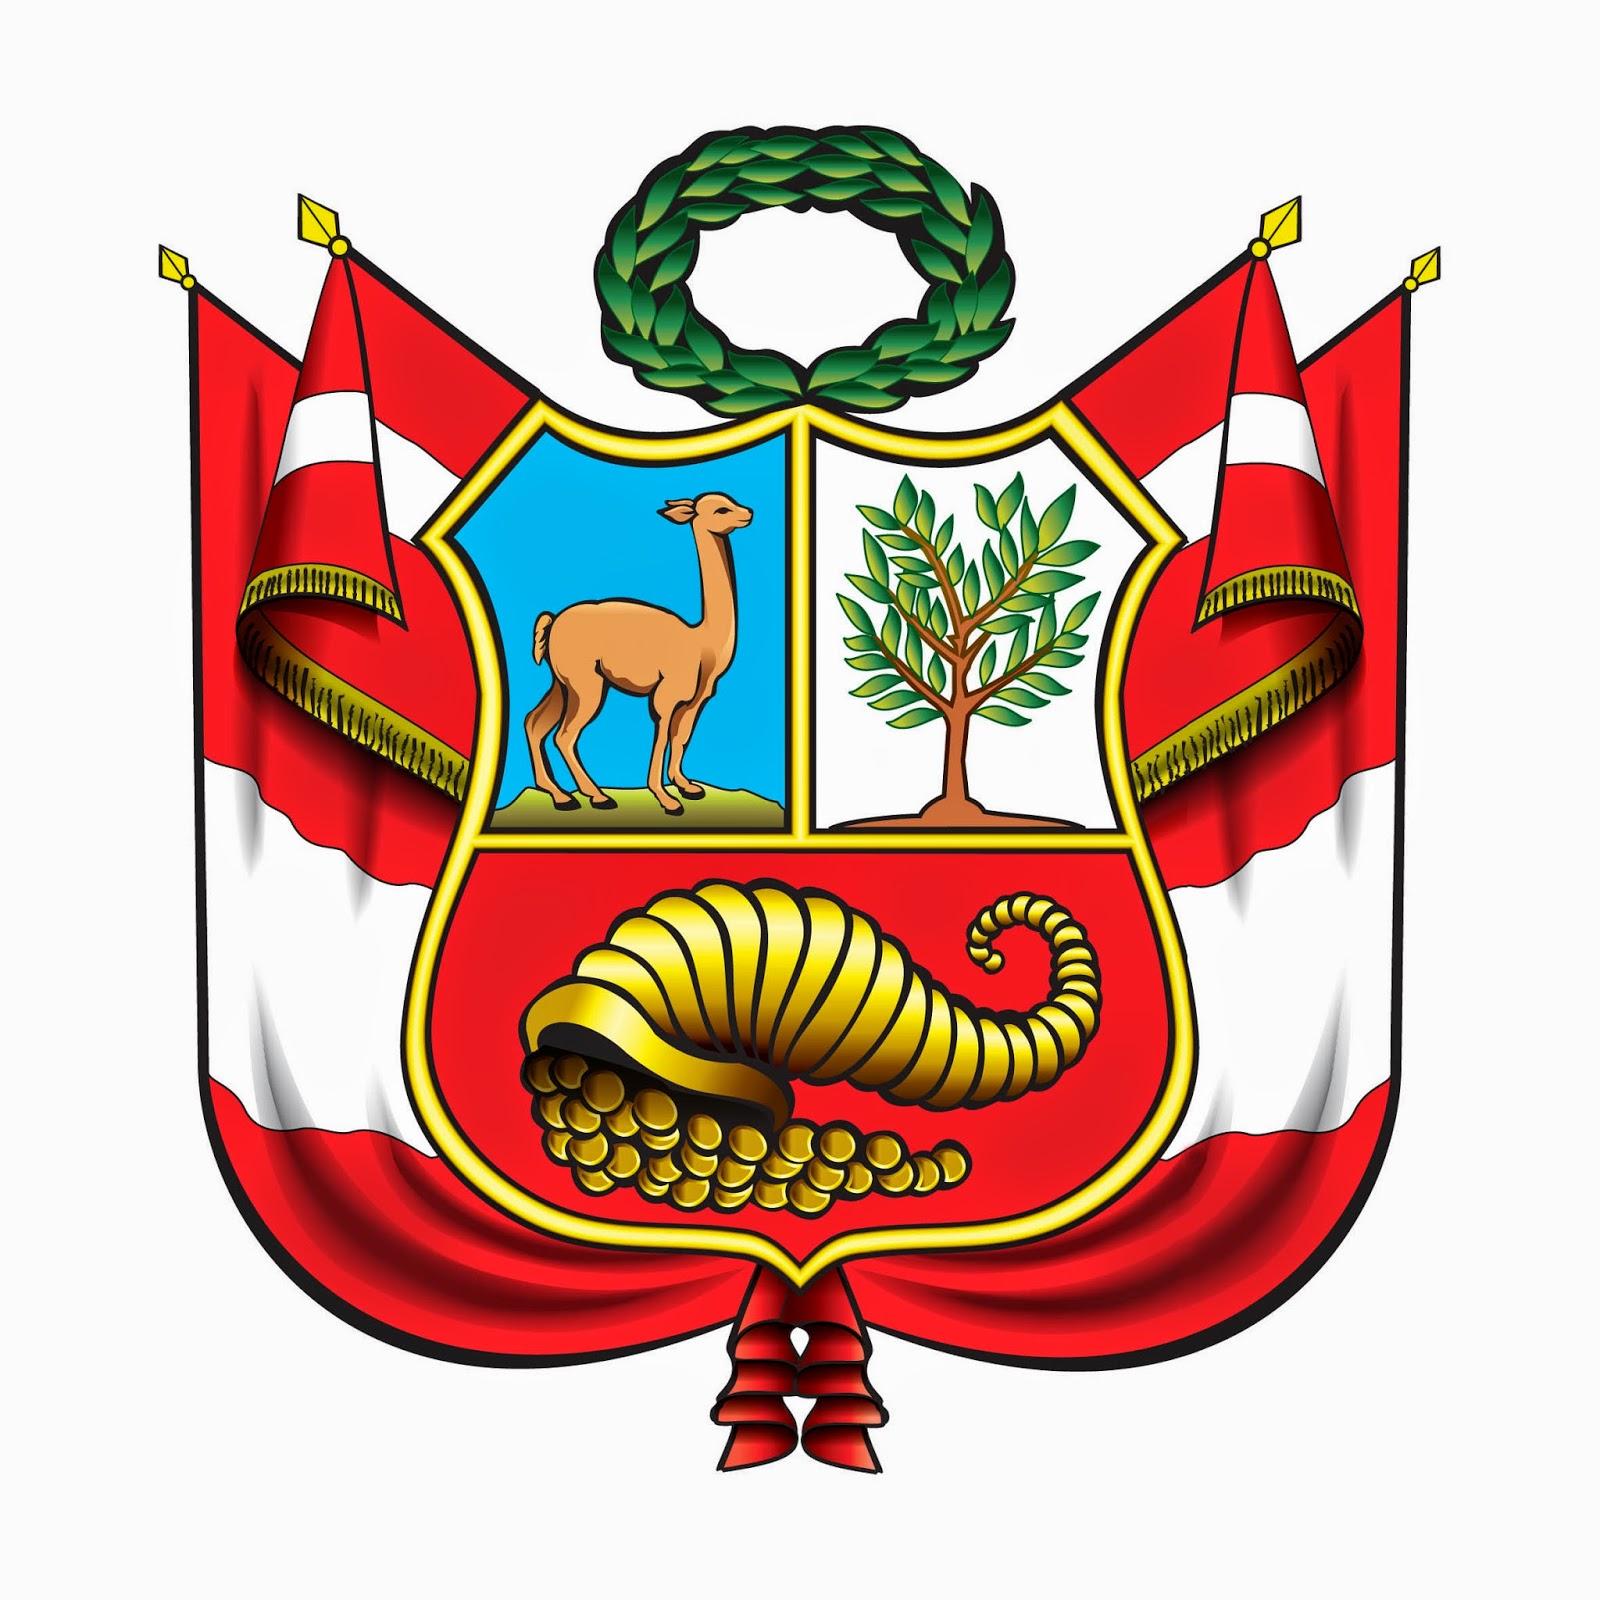 T21 Noticias Escudo Nacional Del Perú Vectorizado Y En Otros